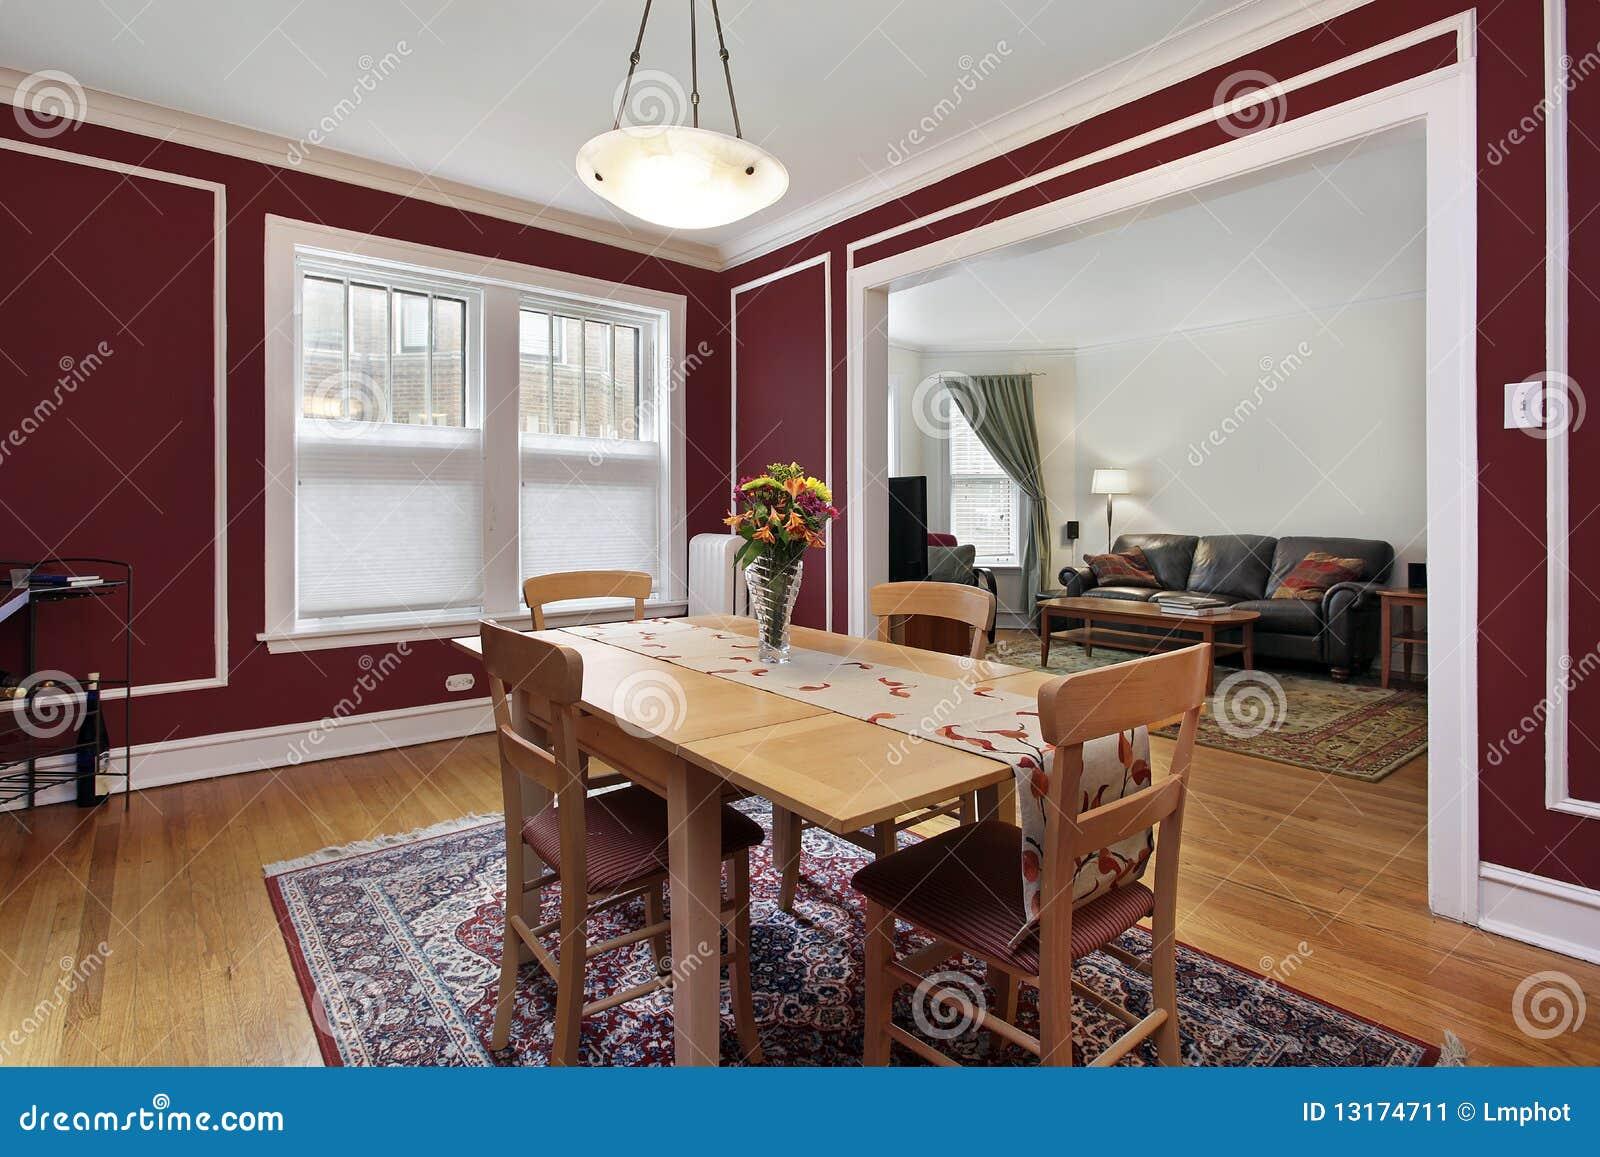 Sala Da Pranzo Con Le Pareti Rosse Immagine Stock - Immagine: 13174711